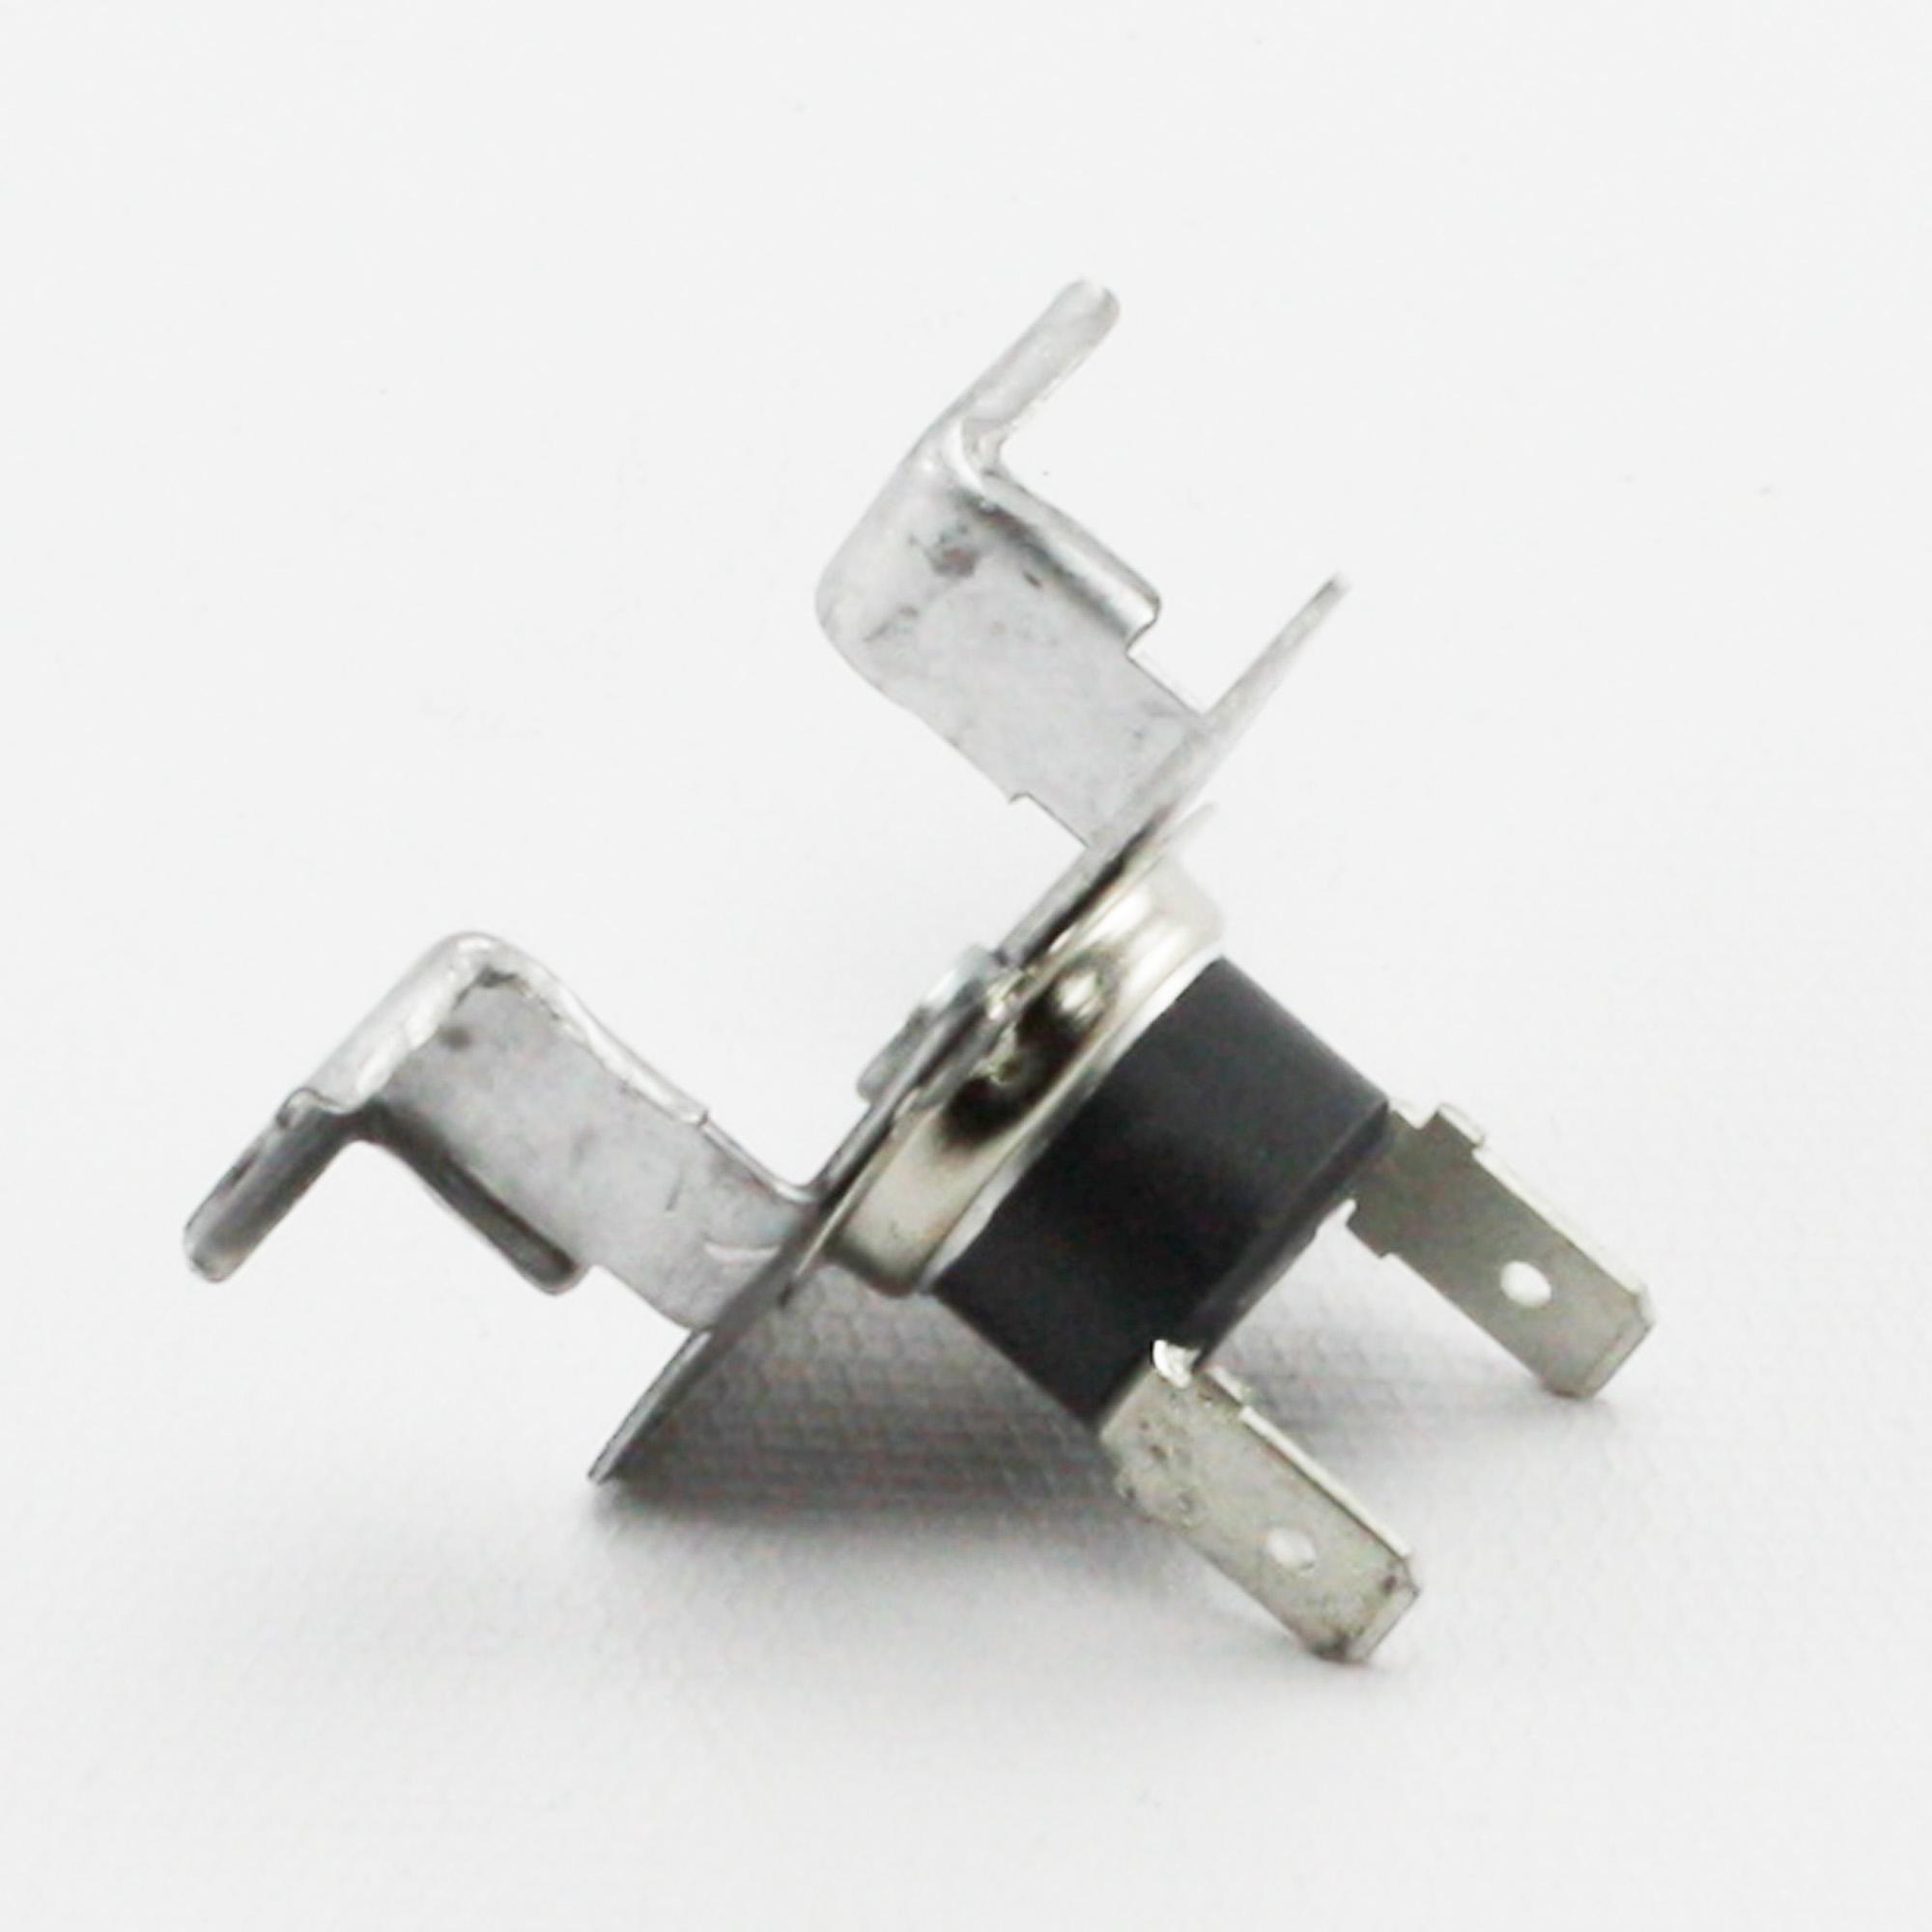 Genuine Oem 40113801 Maytag Amana Dryer Thermal Fuse New